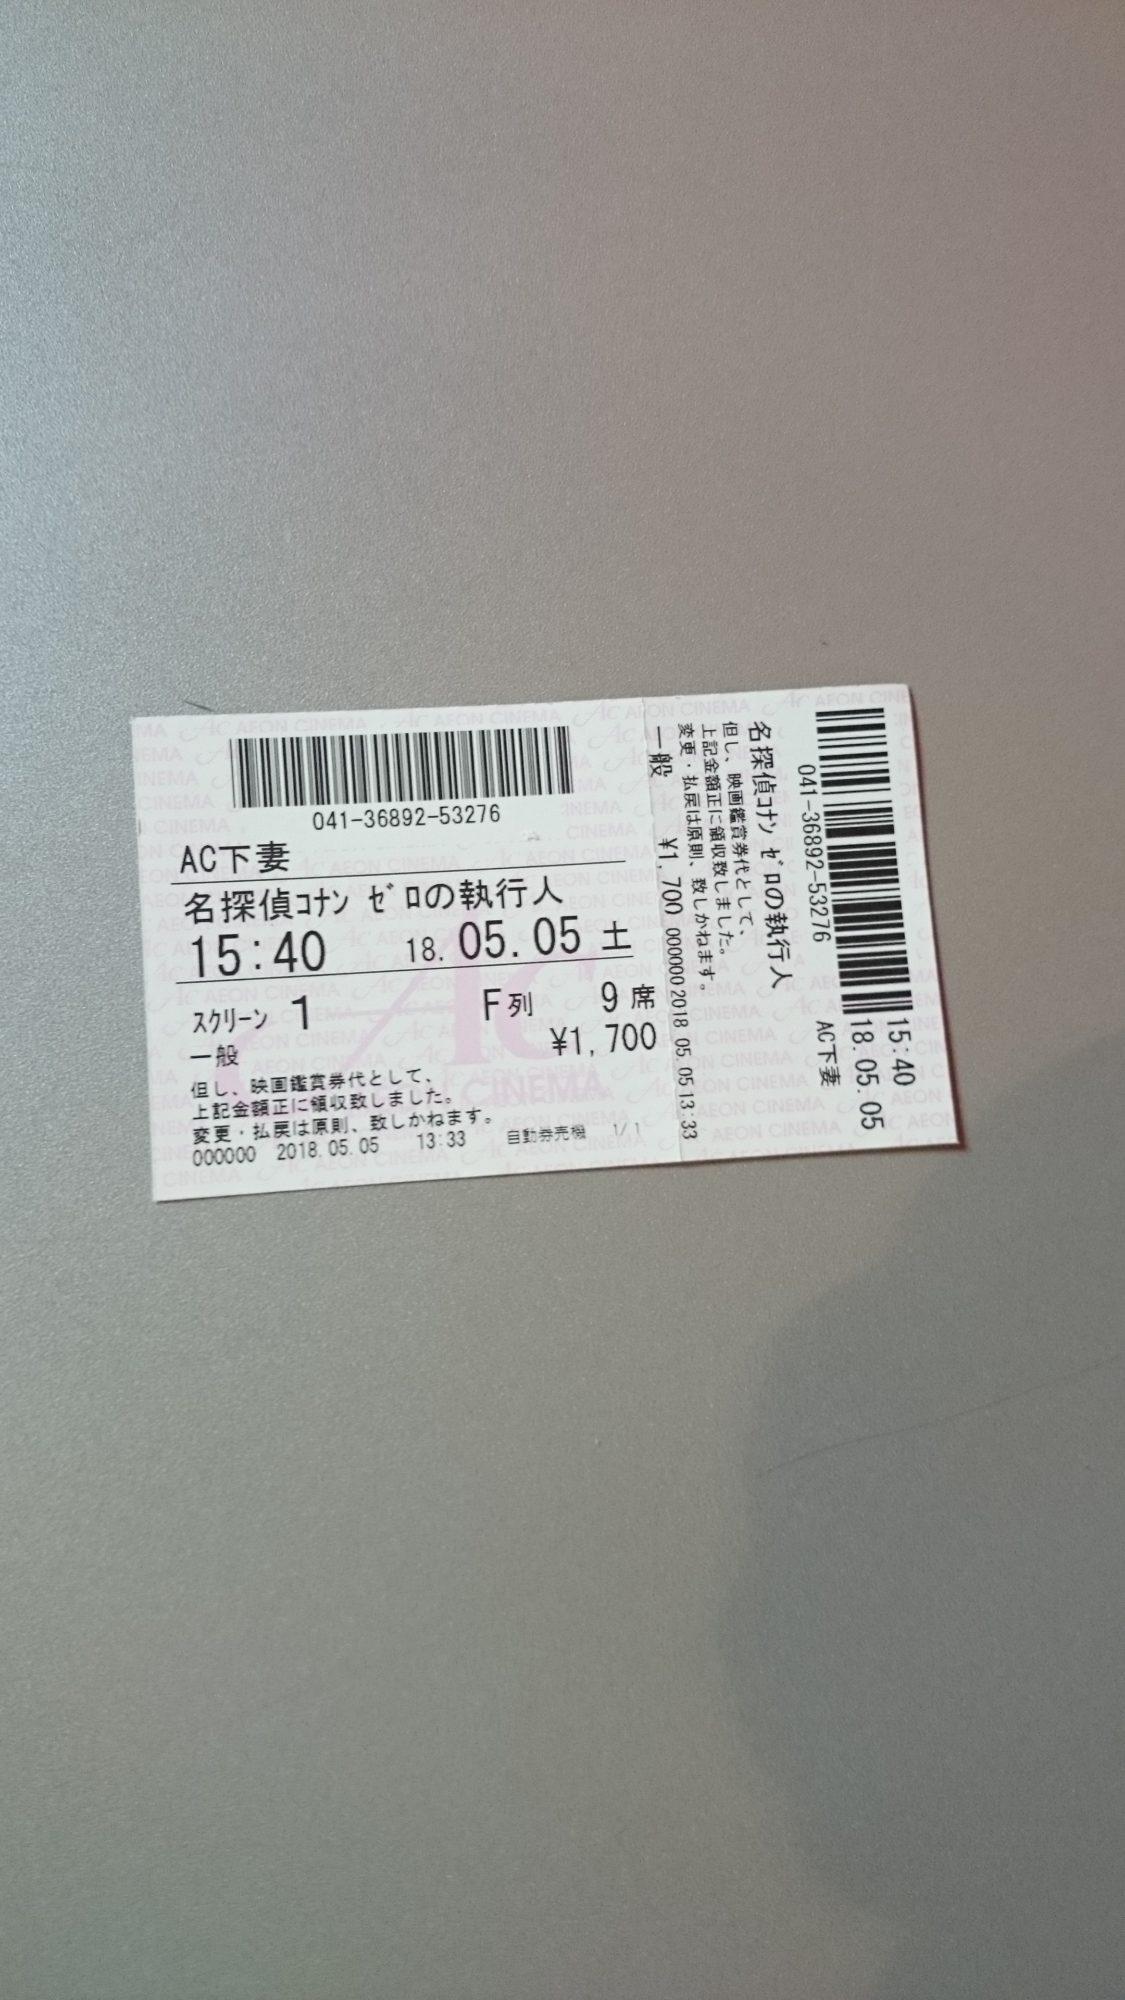 コナン チケット